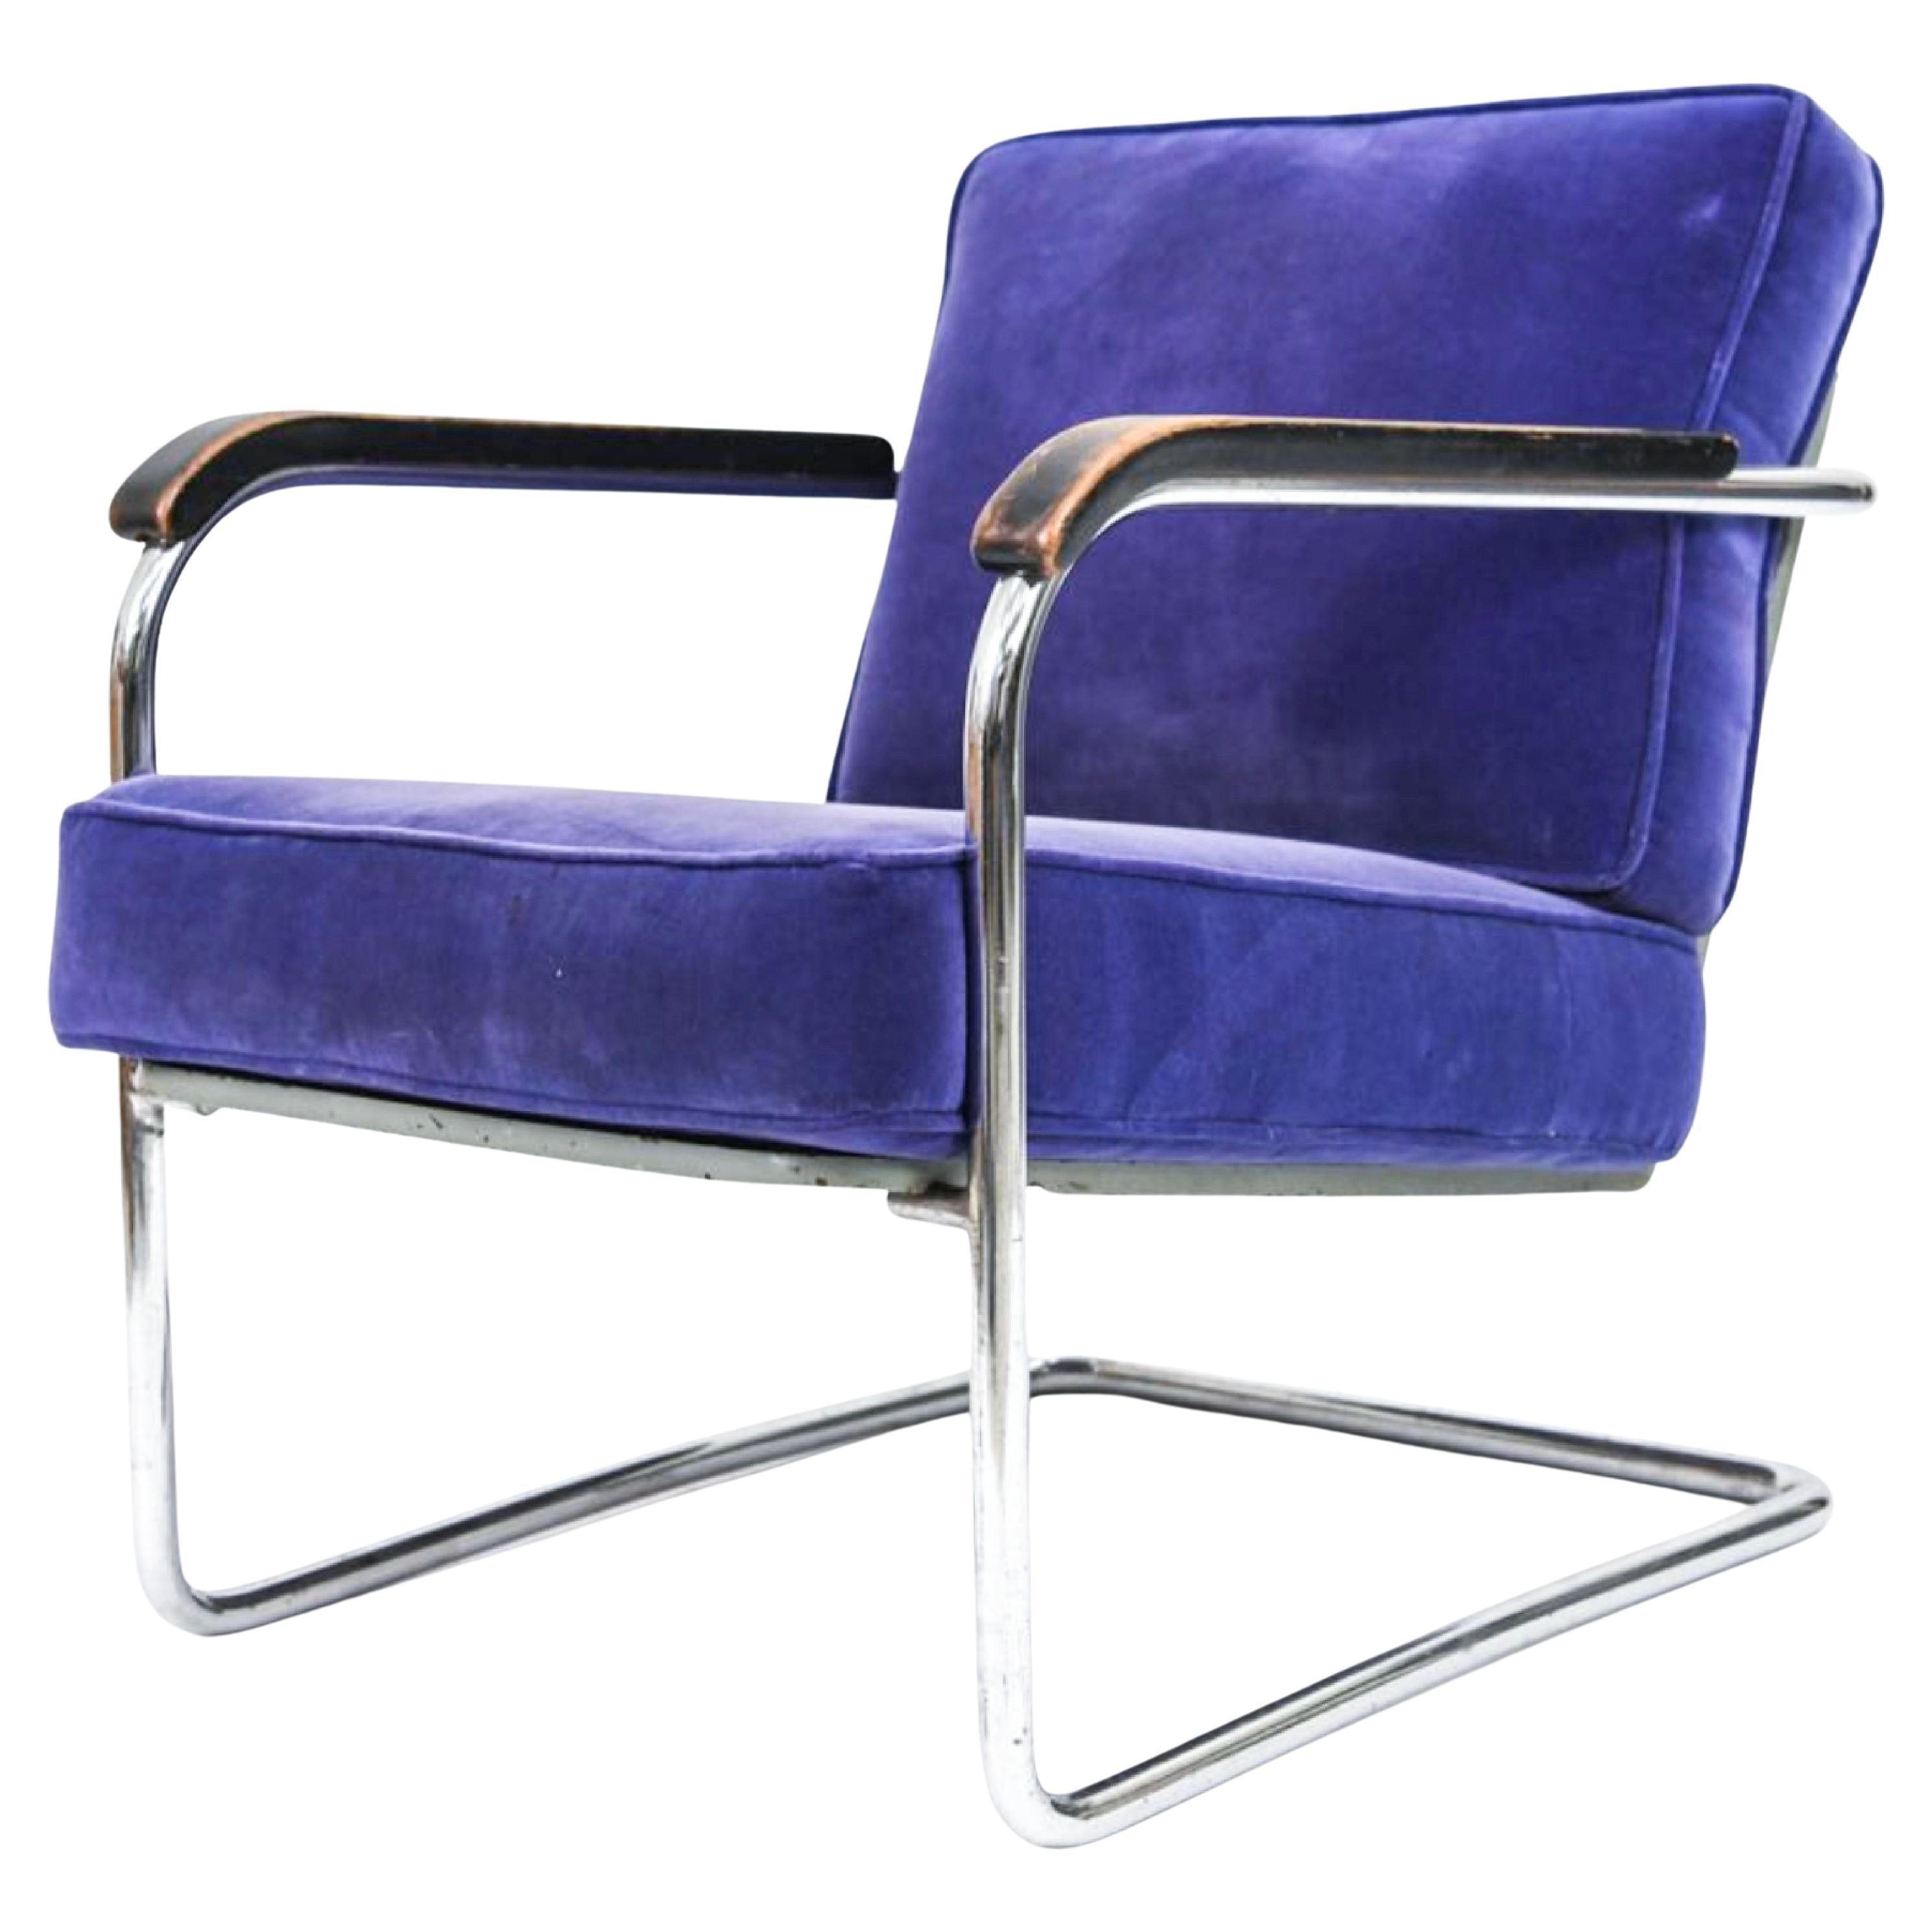 Werner Max Moser for Embru Wohnbedarf WM1 Lounge Chair Zurich, Switzerland, 1939